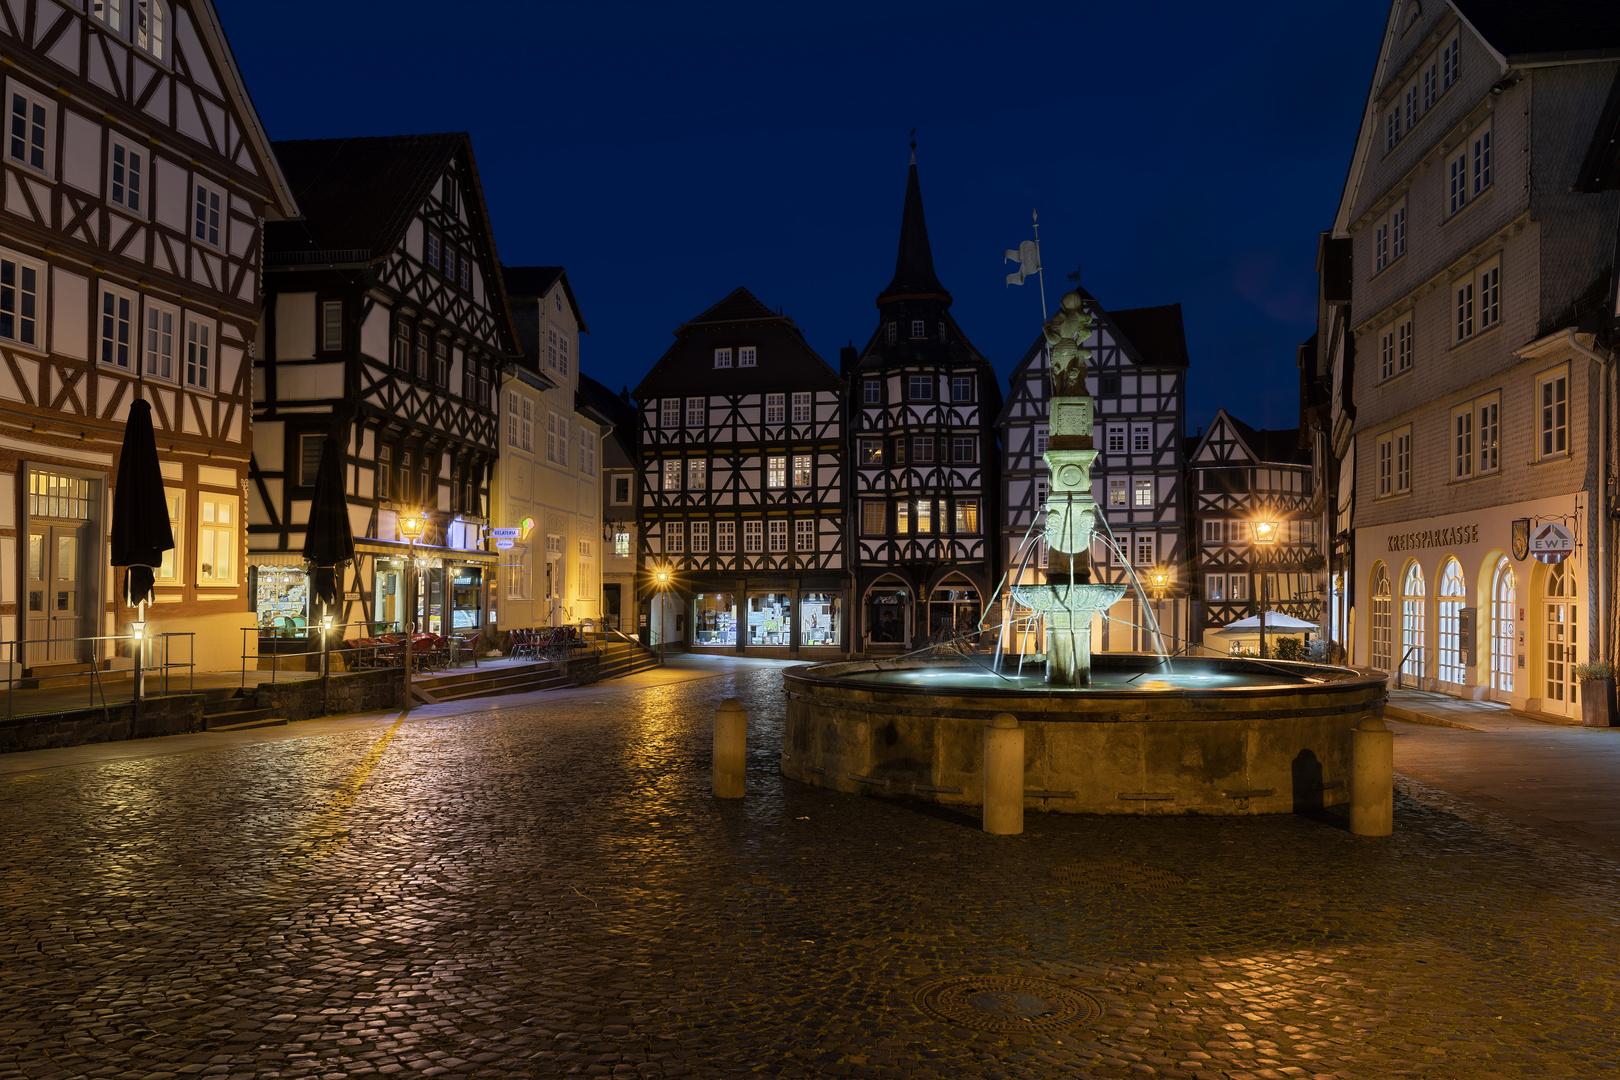 Marktplatz Fritzlar – Rolandsbrunnen